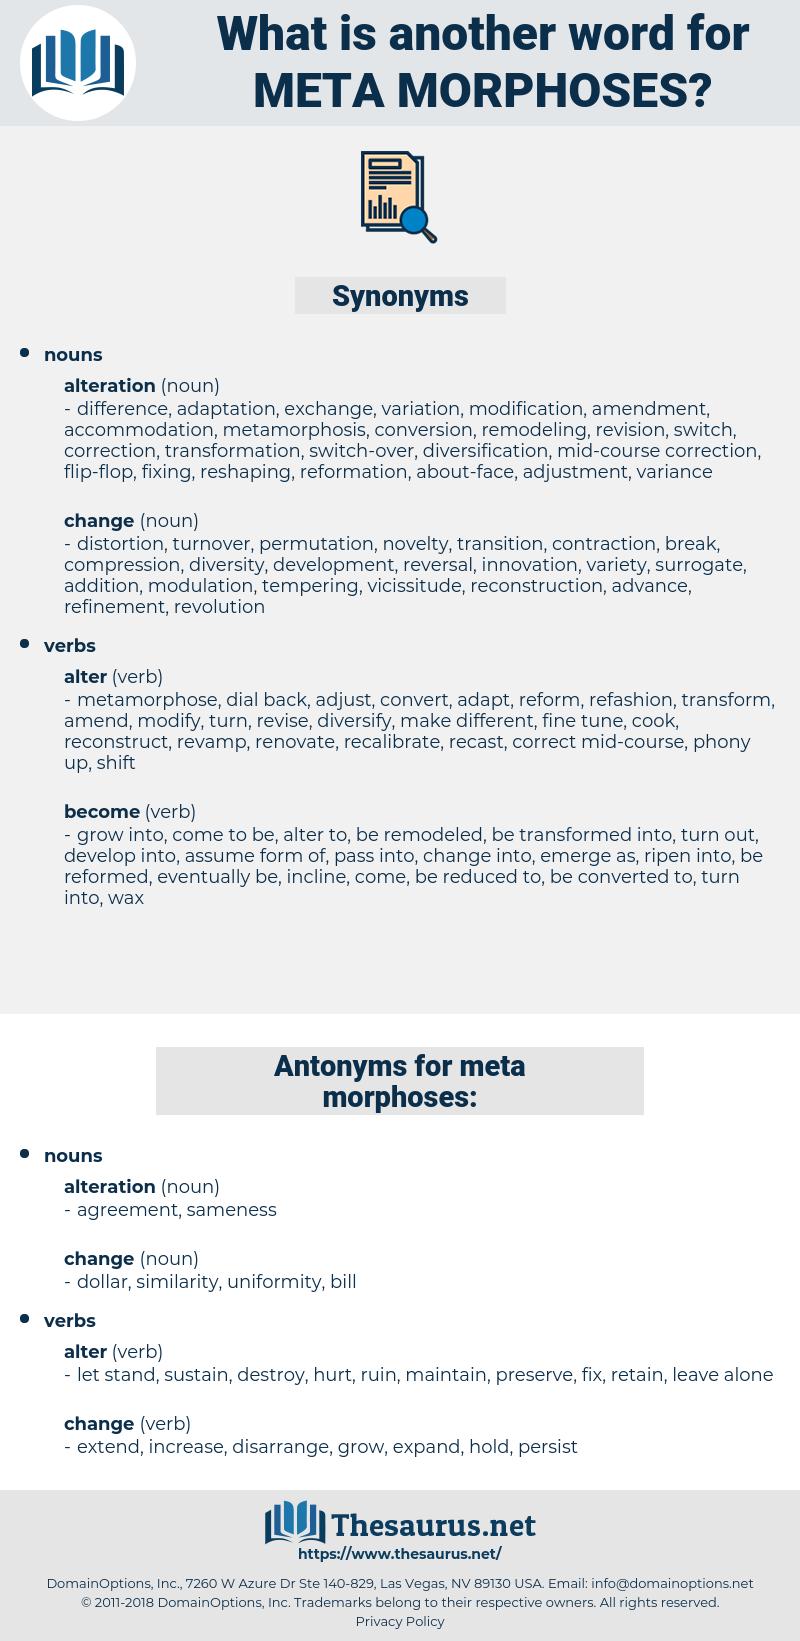 meta-morphoses, synonym meta-morphoses, another word for meta-morphoses, words like meta-morphoses, thesaurus meta-morphoses